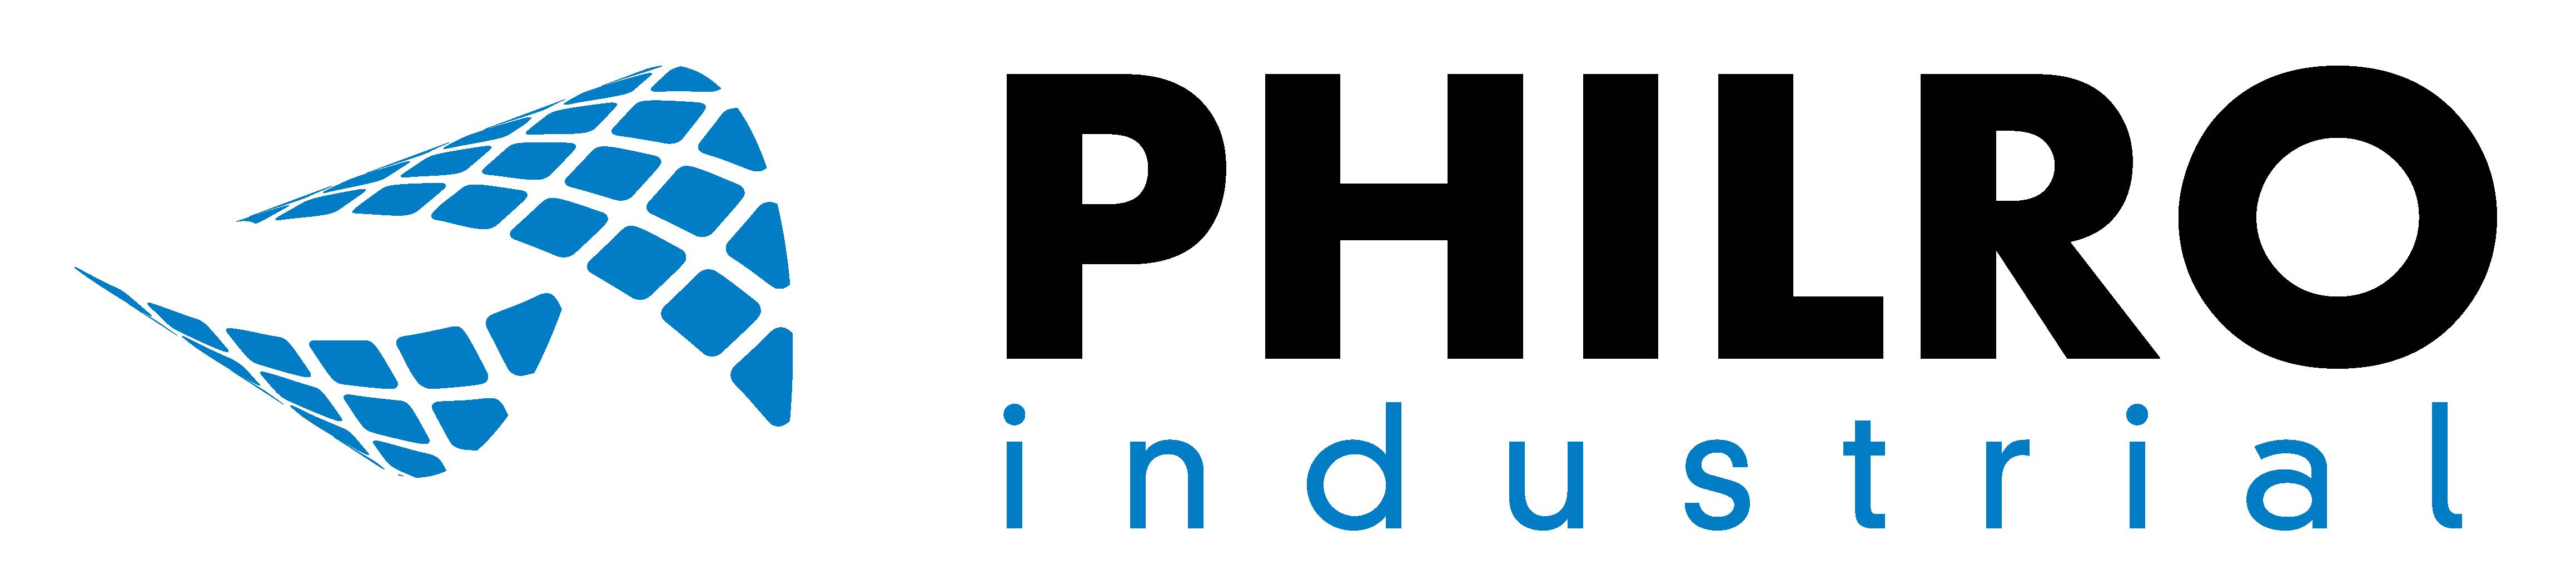 Logo PHILRO Industrial